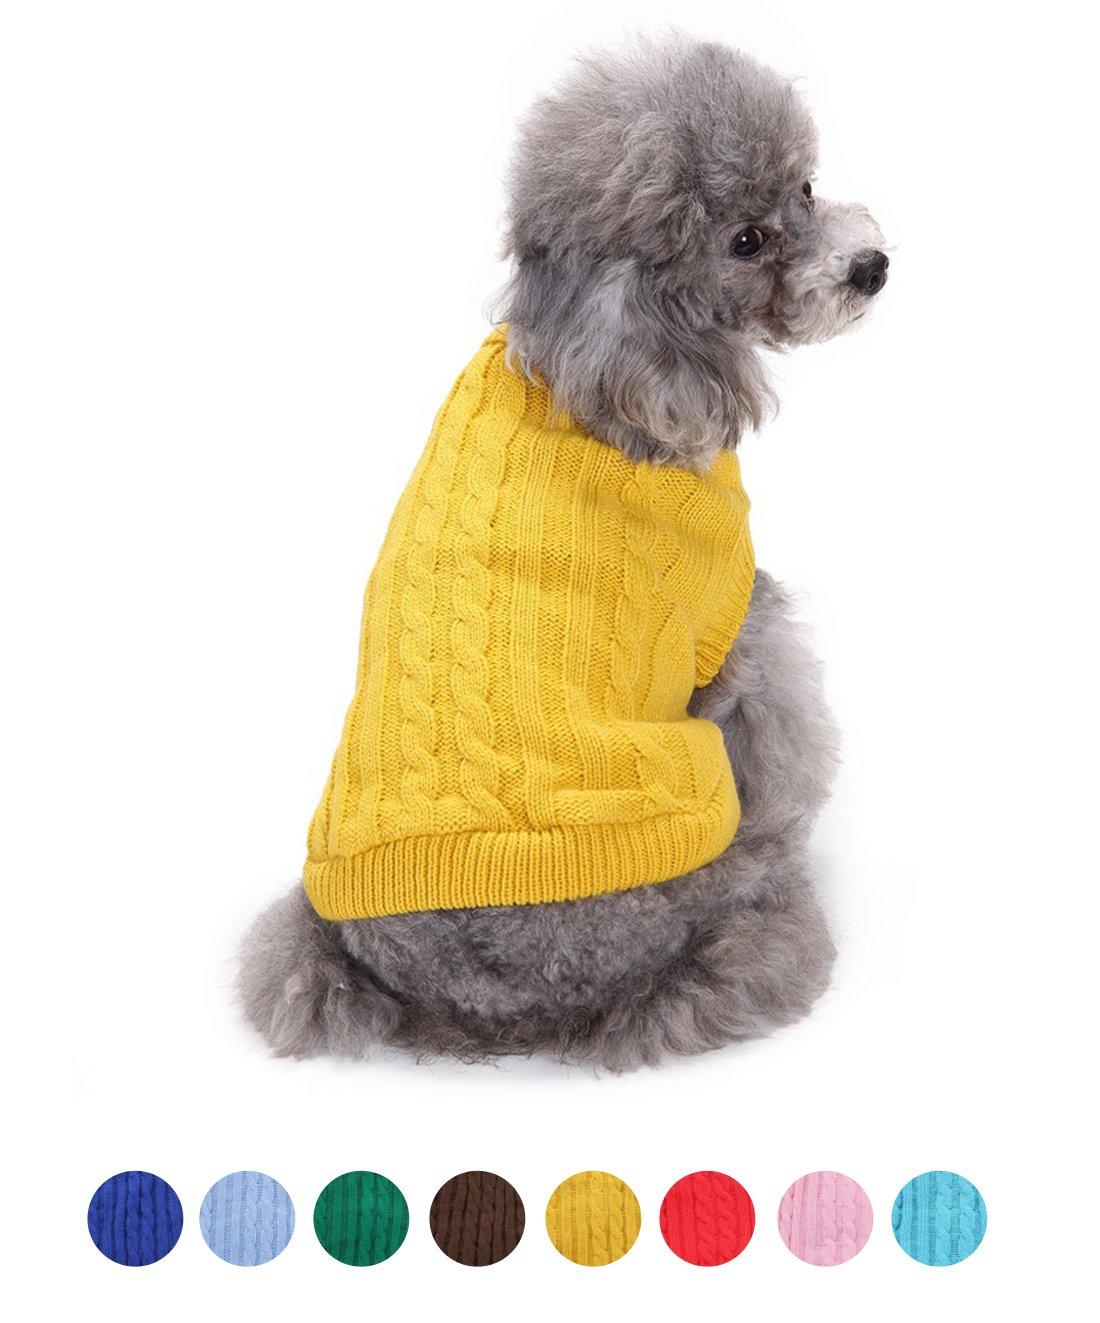 FishBabe Pull d'hiver à col haut pour petit chien, couleur uni, tricoté, mode casual, convient pour les activités en extérieur et en intérieur, résistant, col rabattu en tricot, habit à deux pattes, conçu pour les races teckel, pinscher nain, corgi et shih